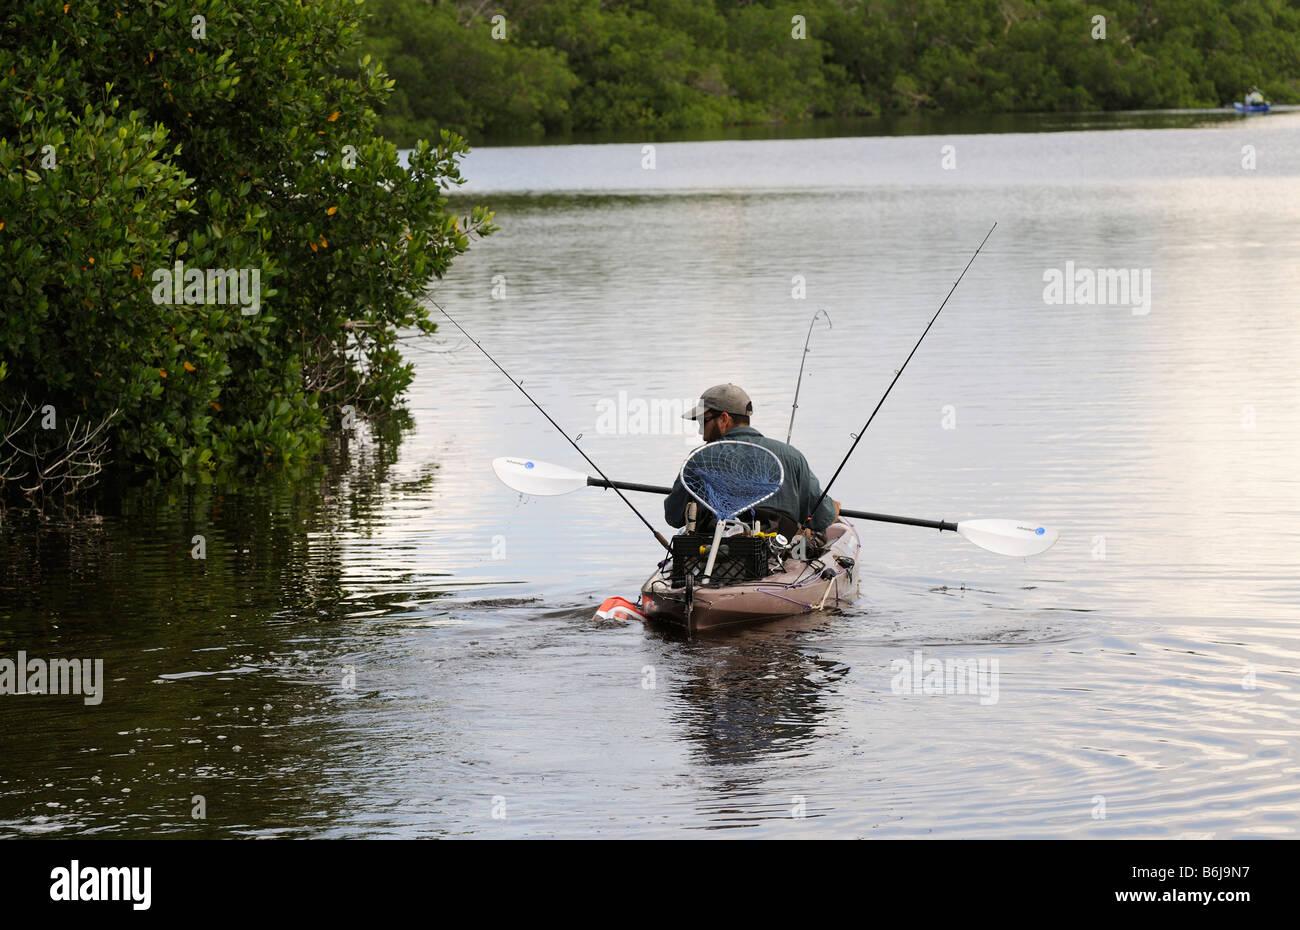 J N Ding Darling National Wildlife Refuge man fishing from Kayak Sanibel Island Florida USA - Stock Image